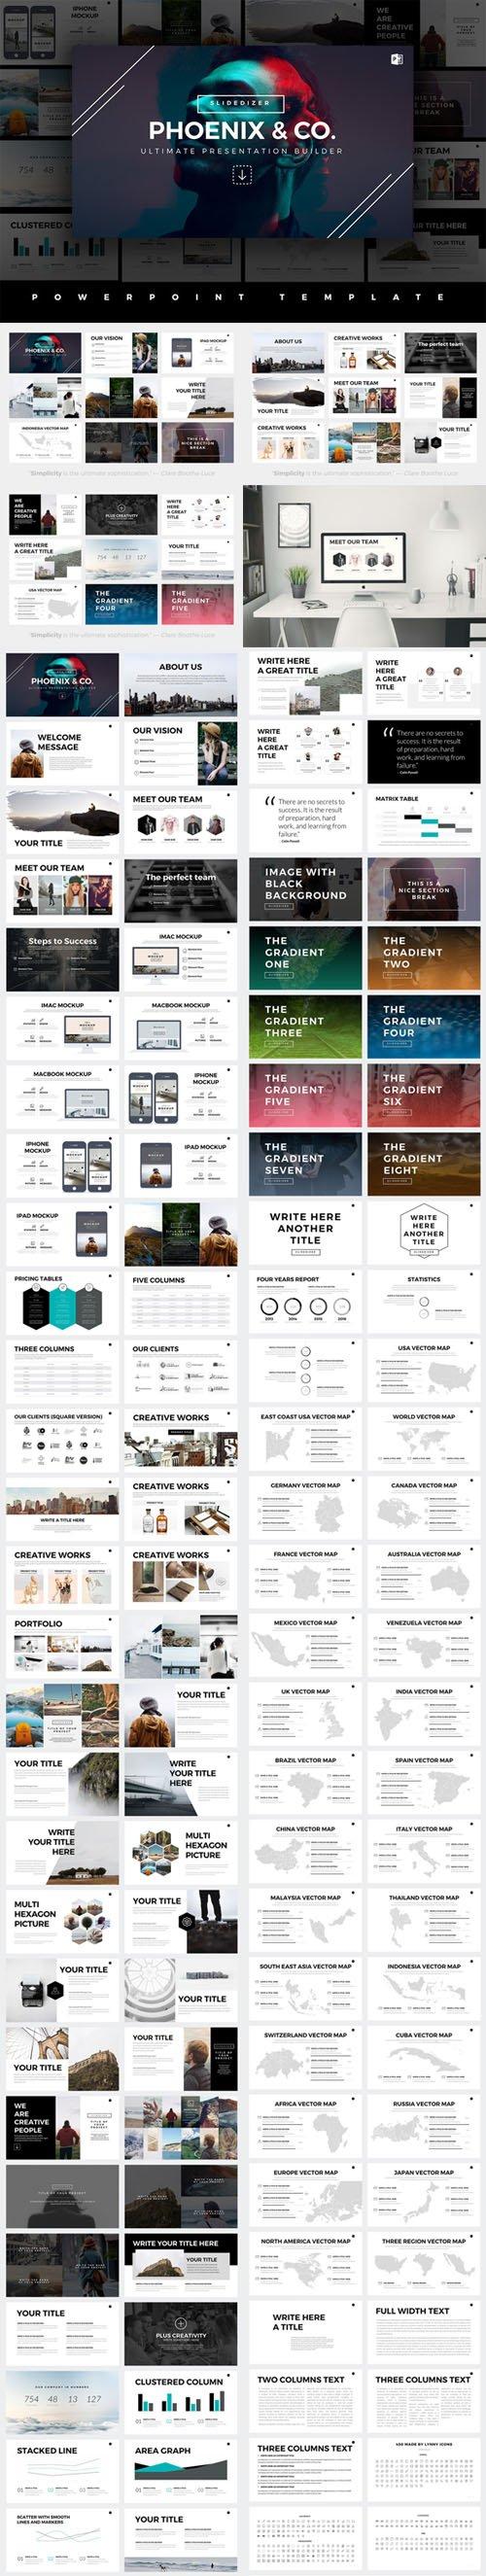 Phoenix minimal powerpoint template creativemarket 520487 phoenix minimal powerpoint template creativemarket 520487 toneelgroepblik Gallery